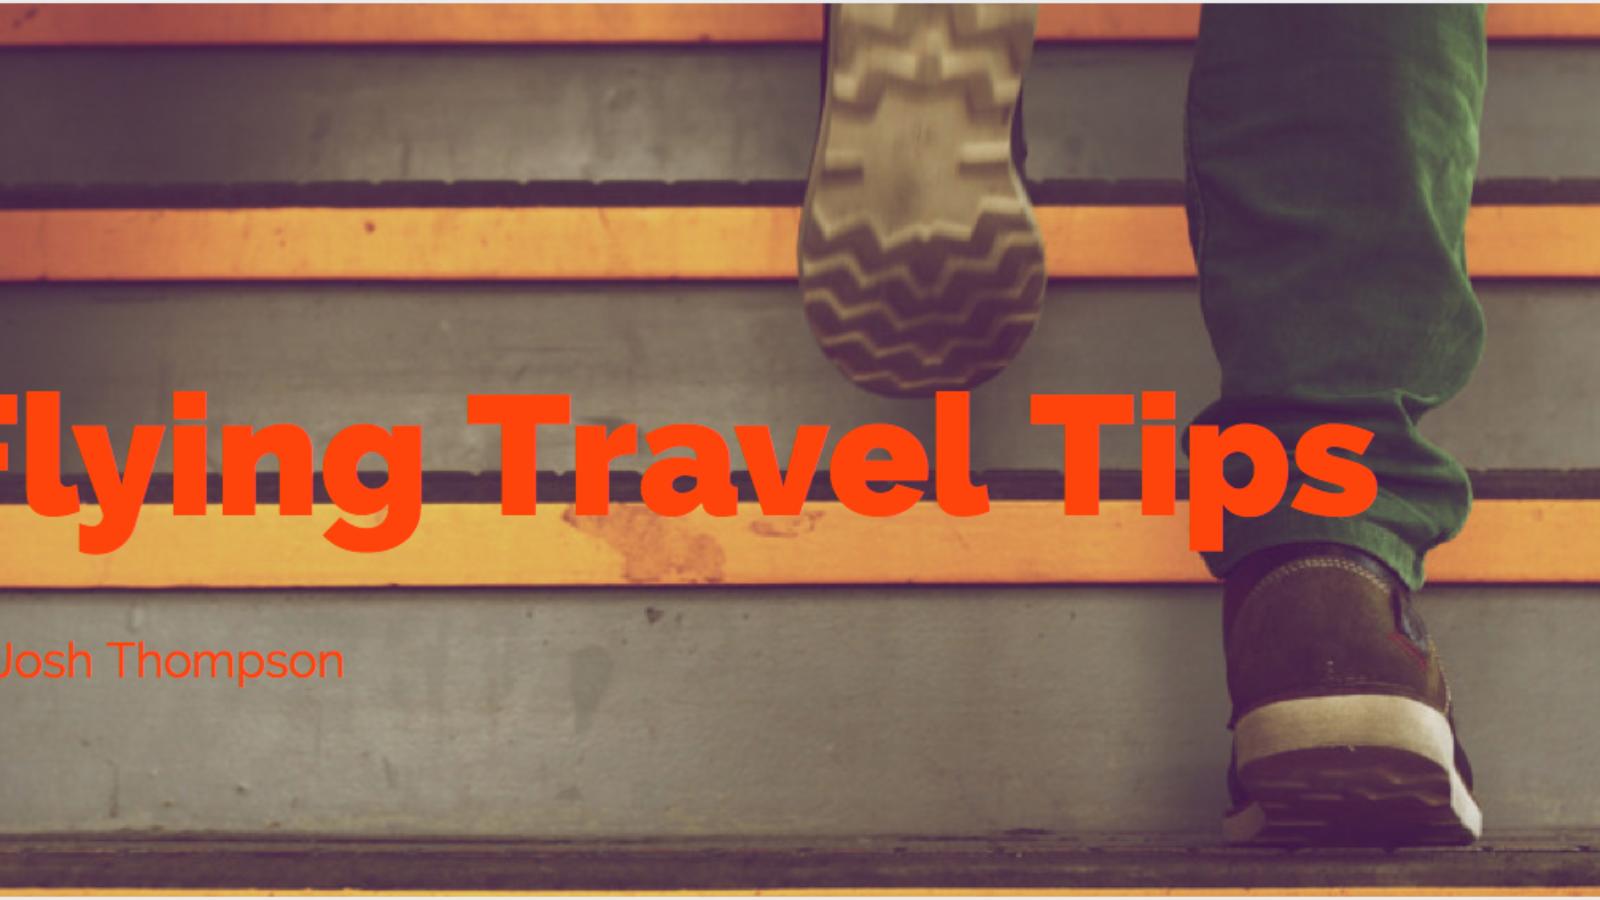 Flying travel tips